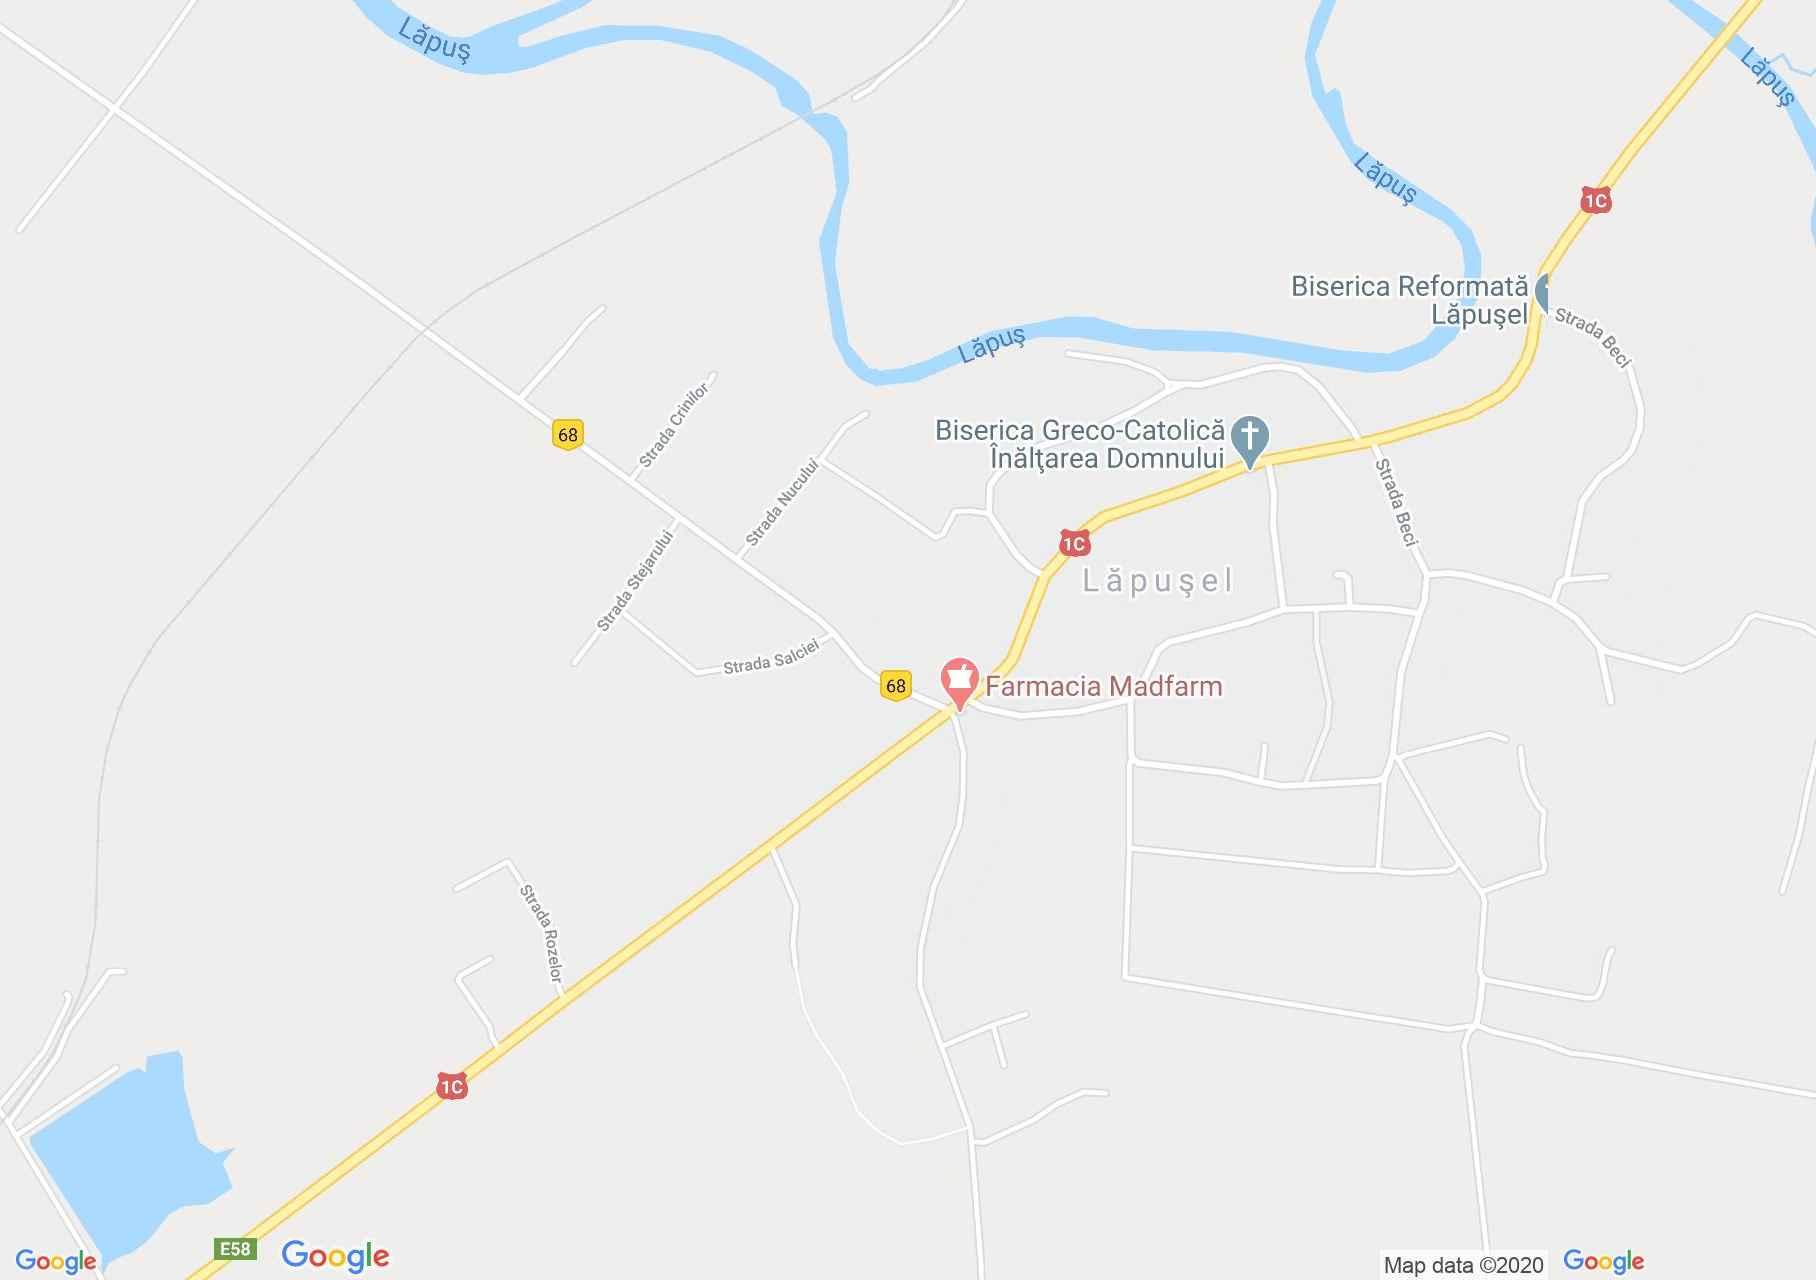 Lăpuşel, Harta turistică interactivă